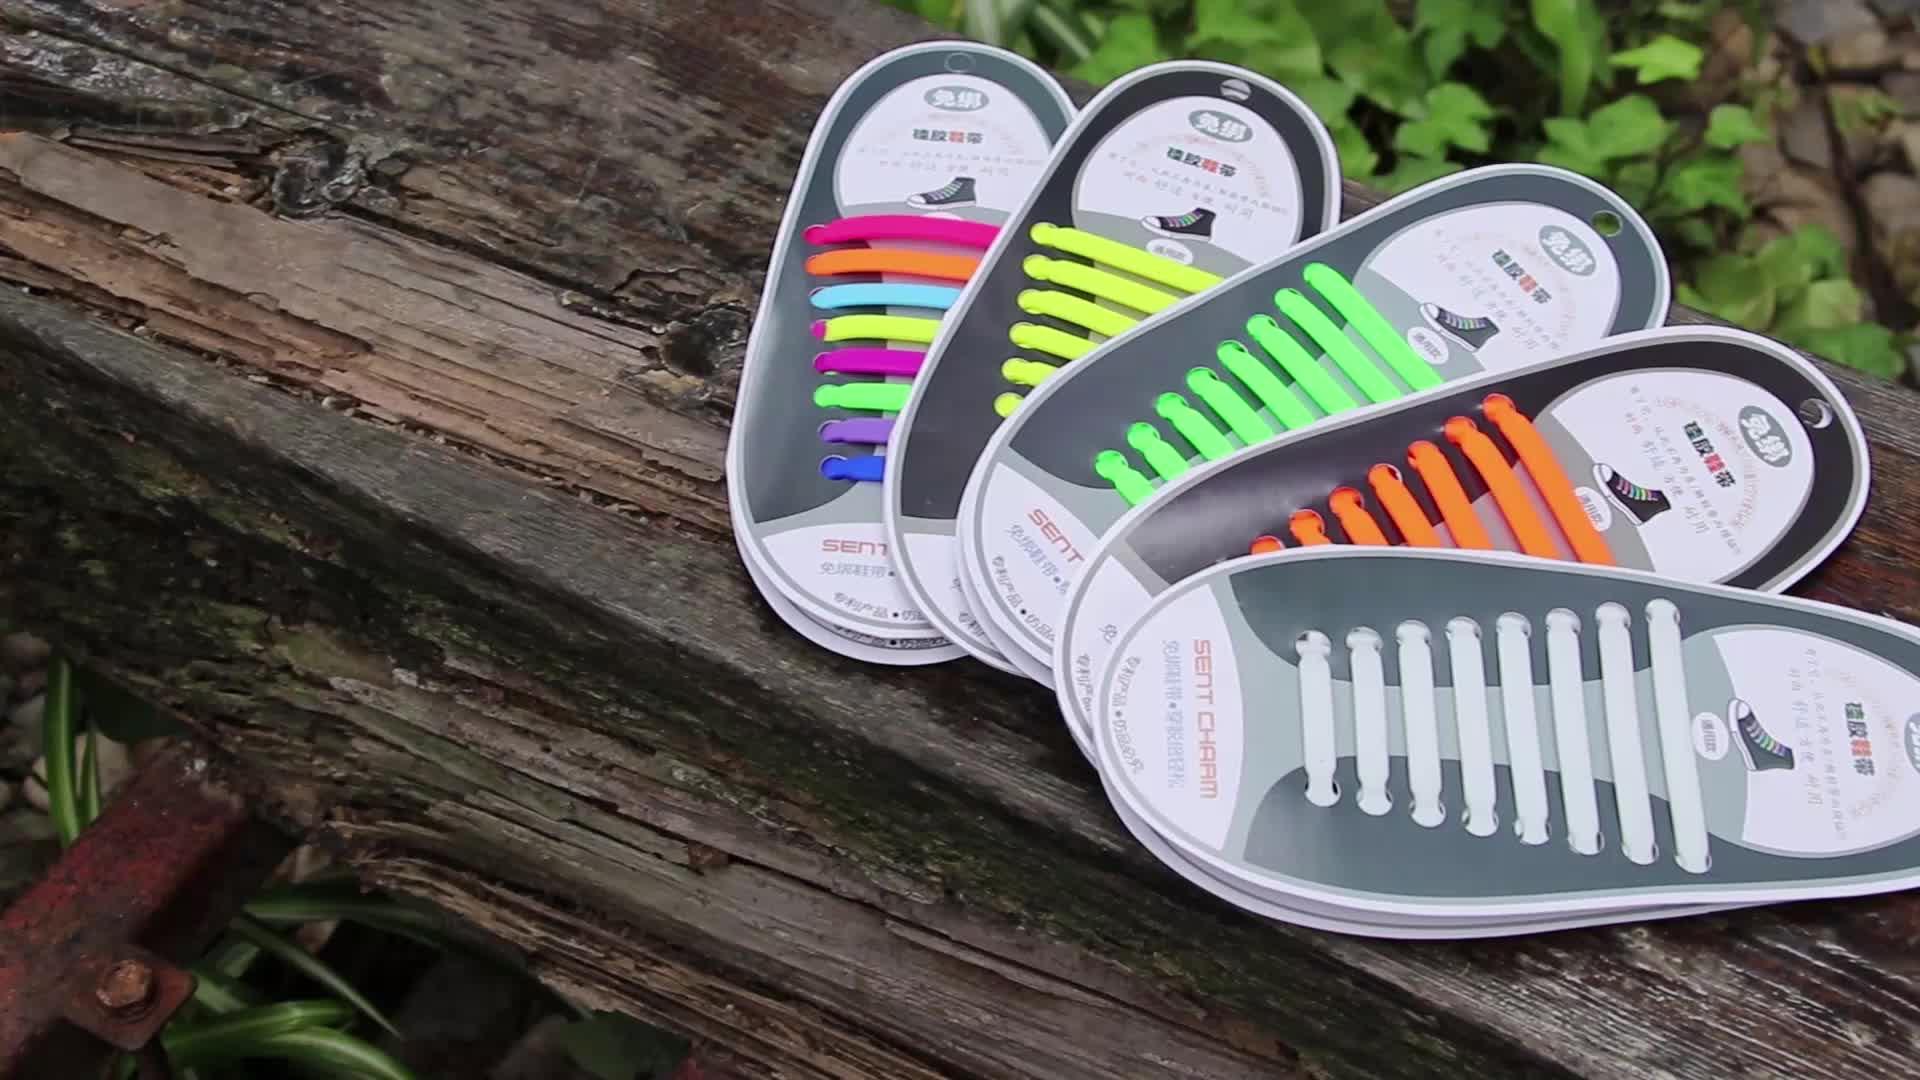 Tieless 靴ひもアンブレイカブルアスレチック弾性シリコーンなしネクタイ靴ひもフラット大人のための、多色のためのスニーカーブーツ